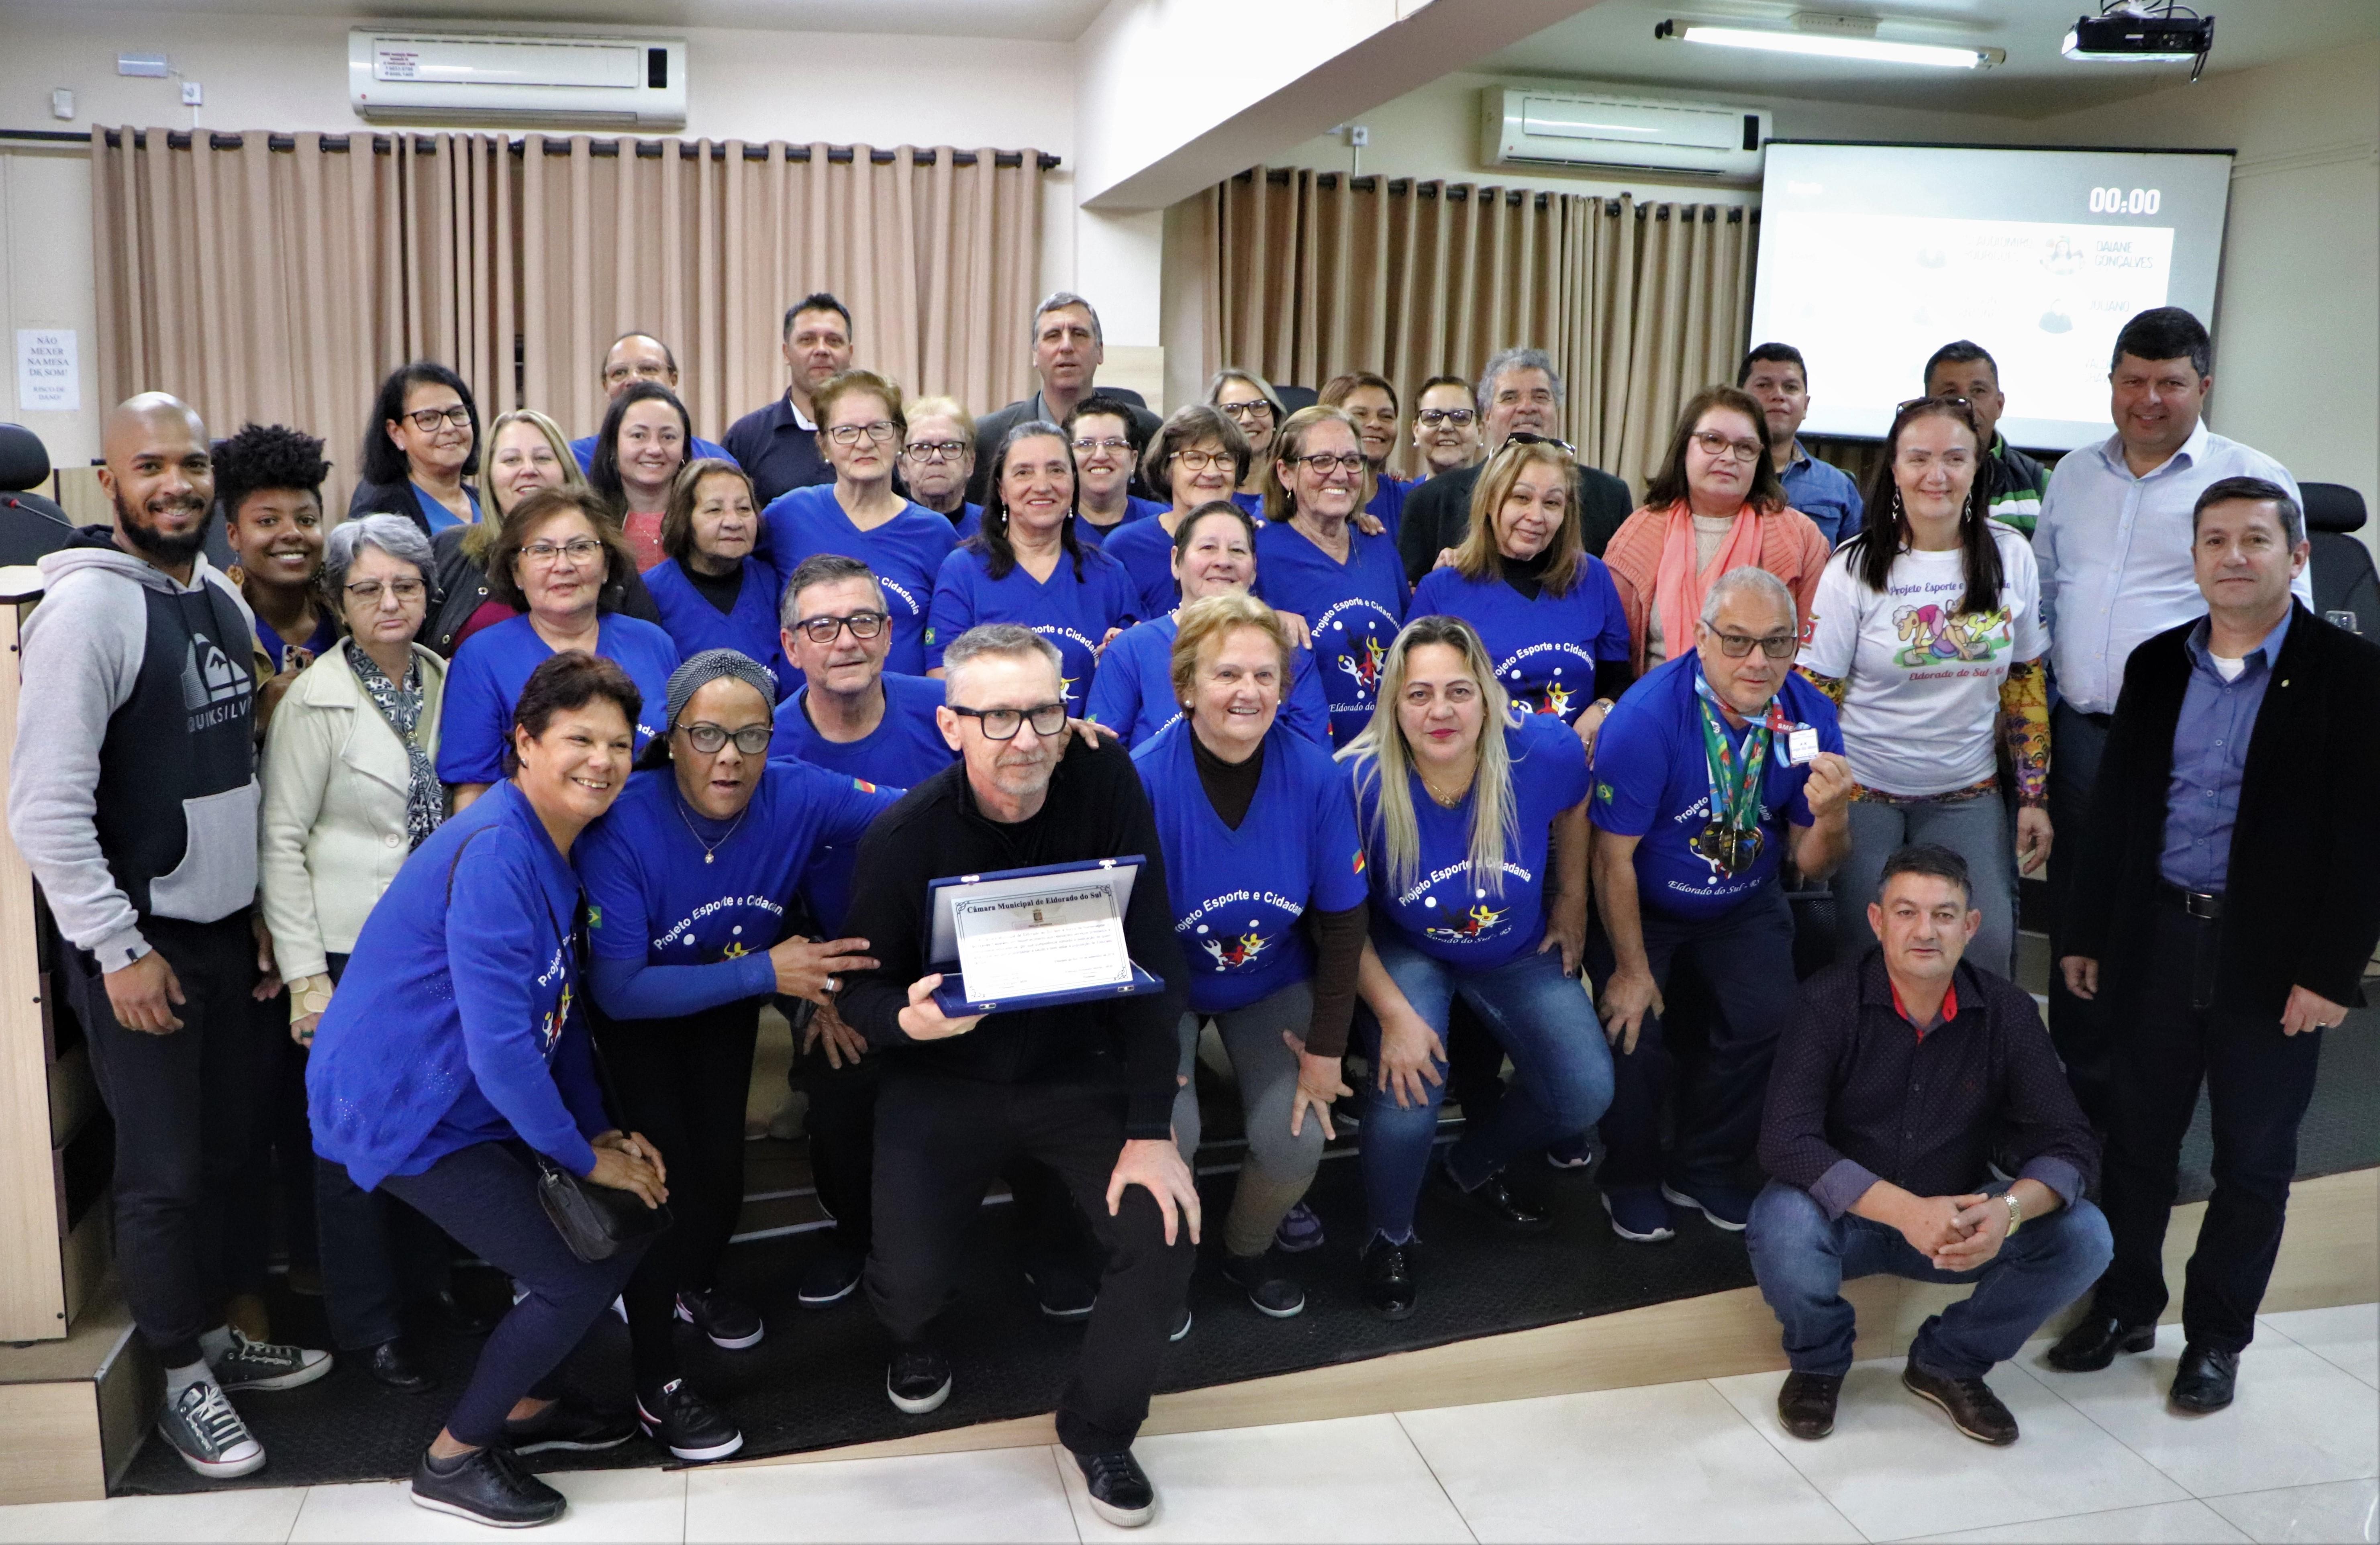 Legislativo faz entrega de Moção Honrosa ao Professor Ivanês Caselani